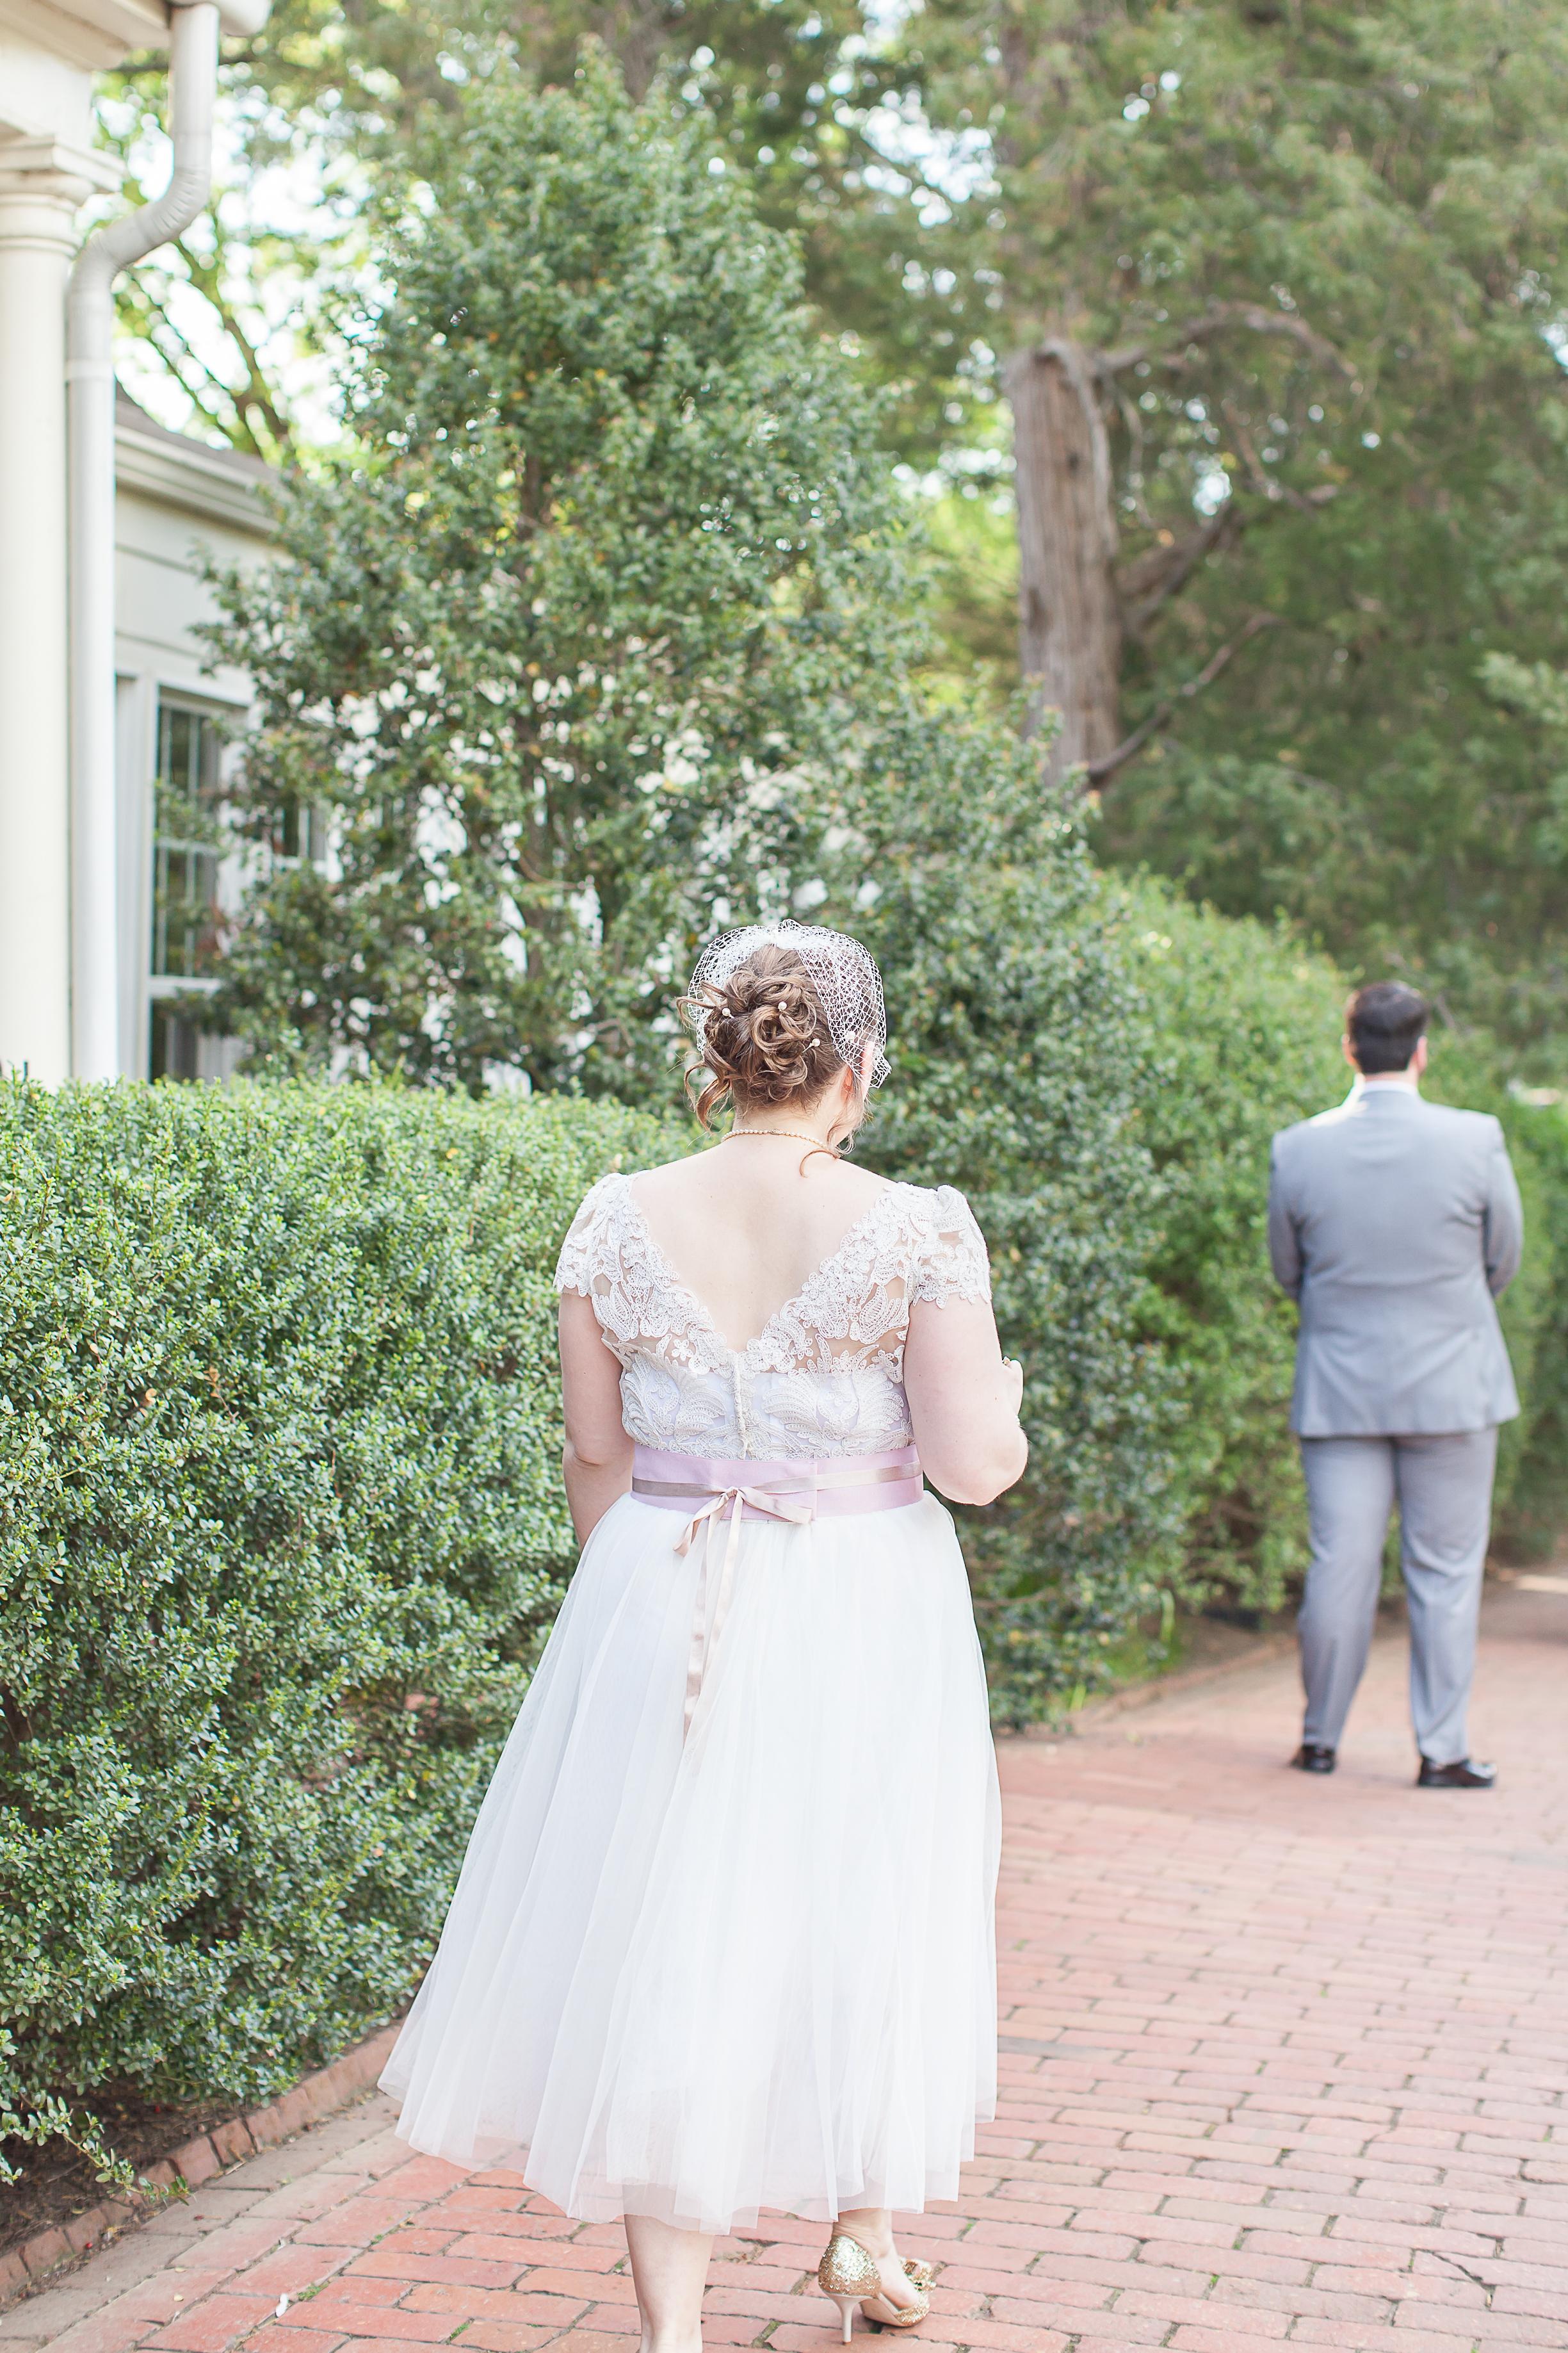 K-S-Wedding-Kim-Pham-Clark-Photography-158.jpg